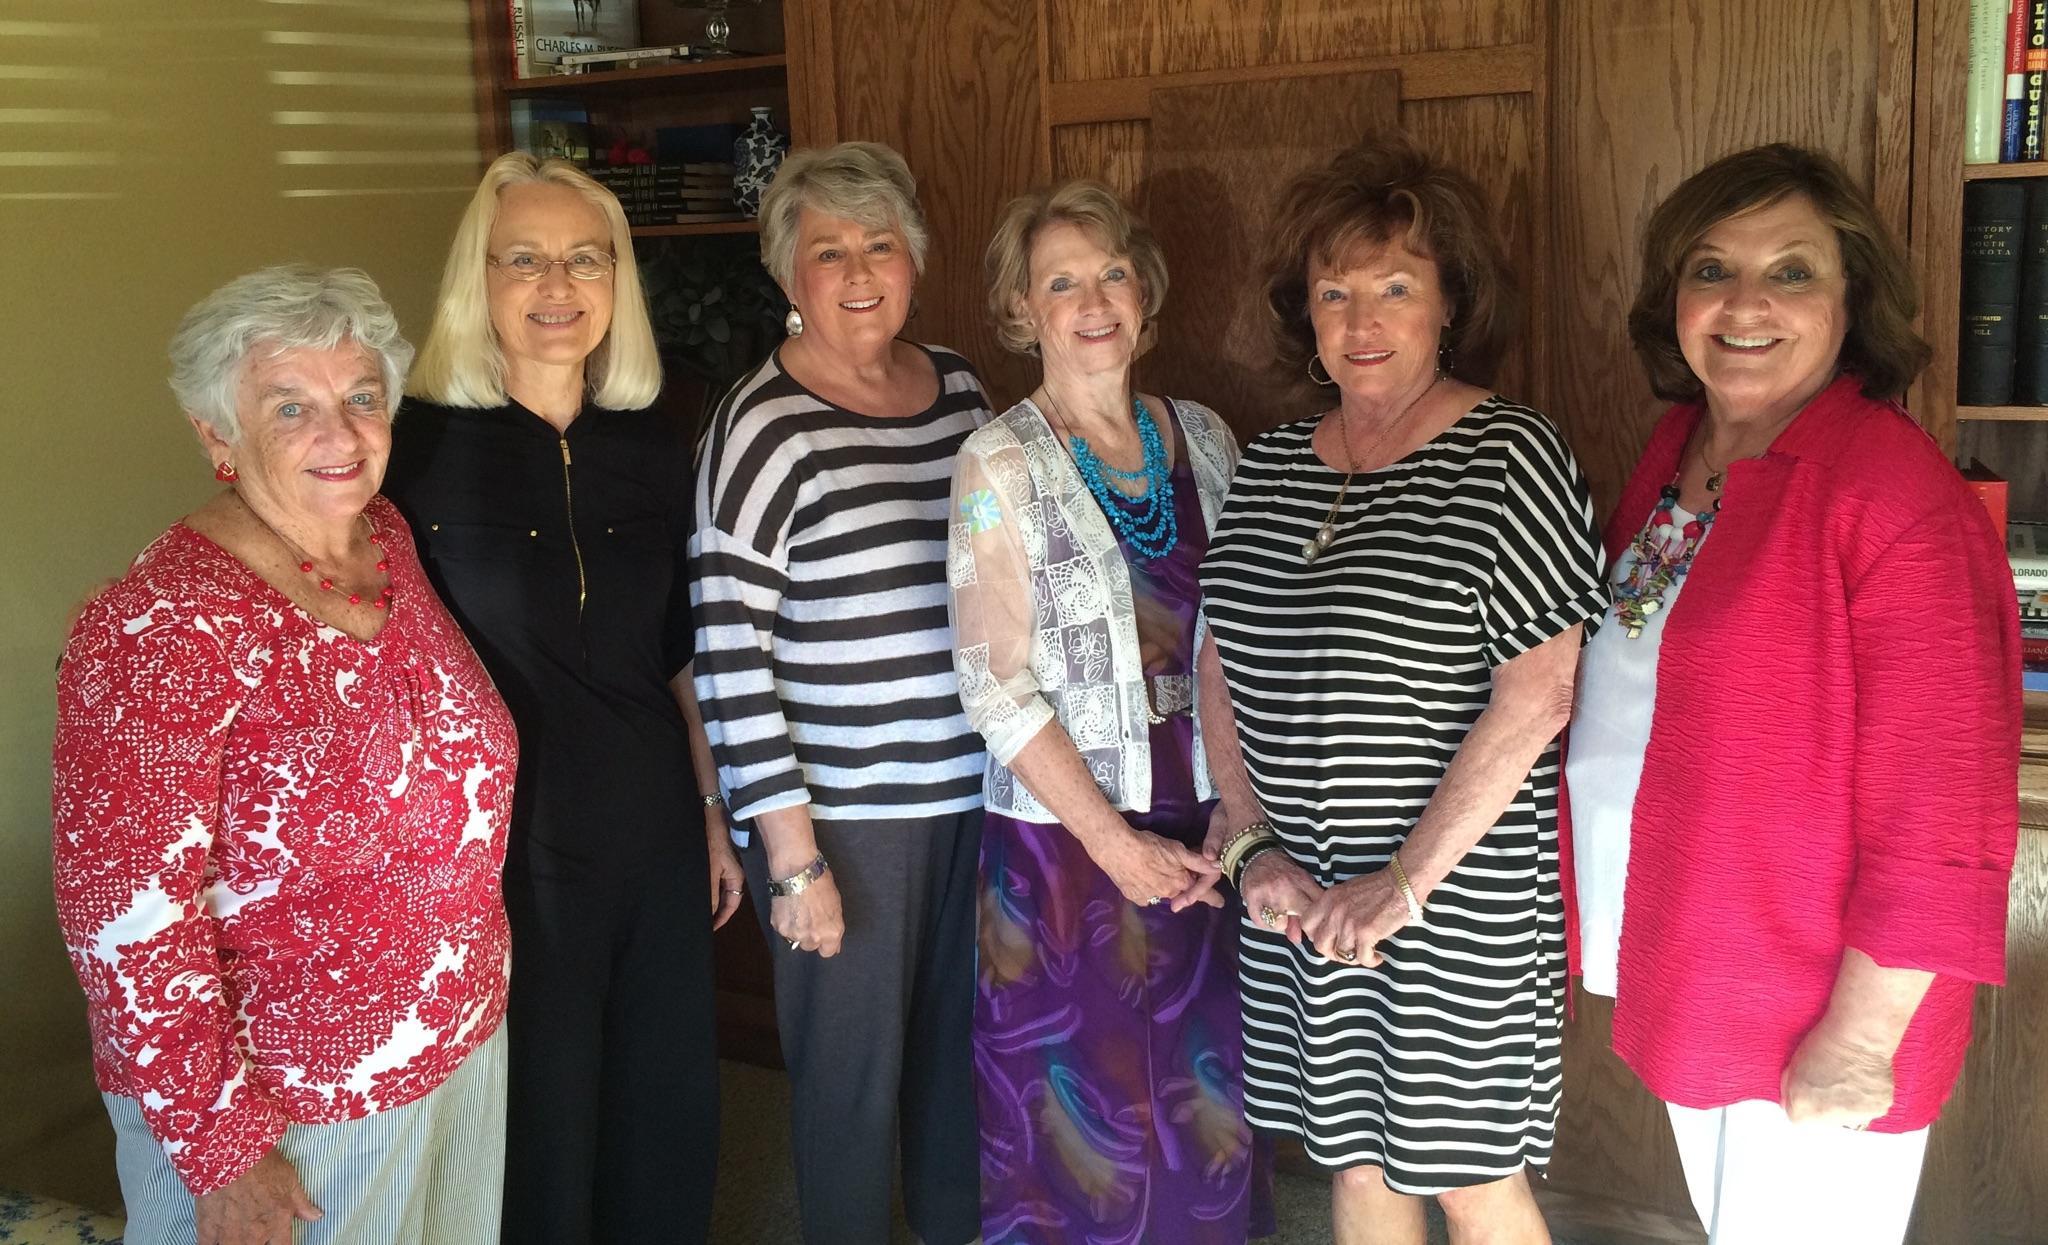 South dakota women